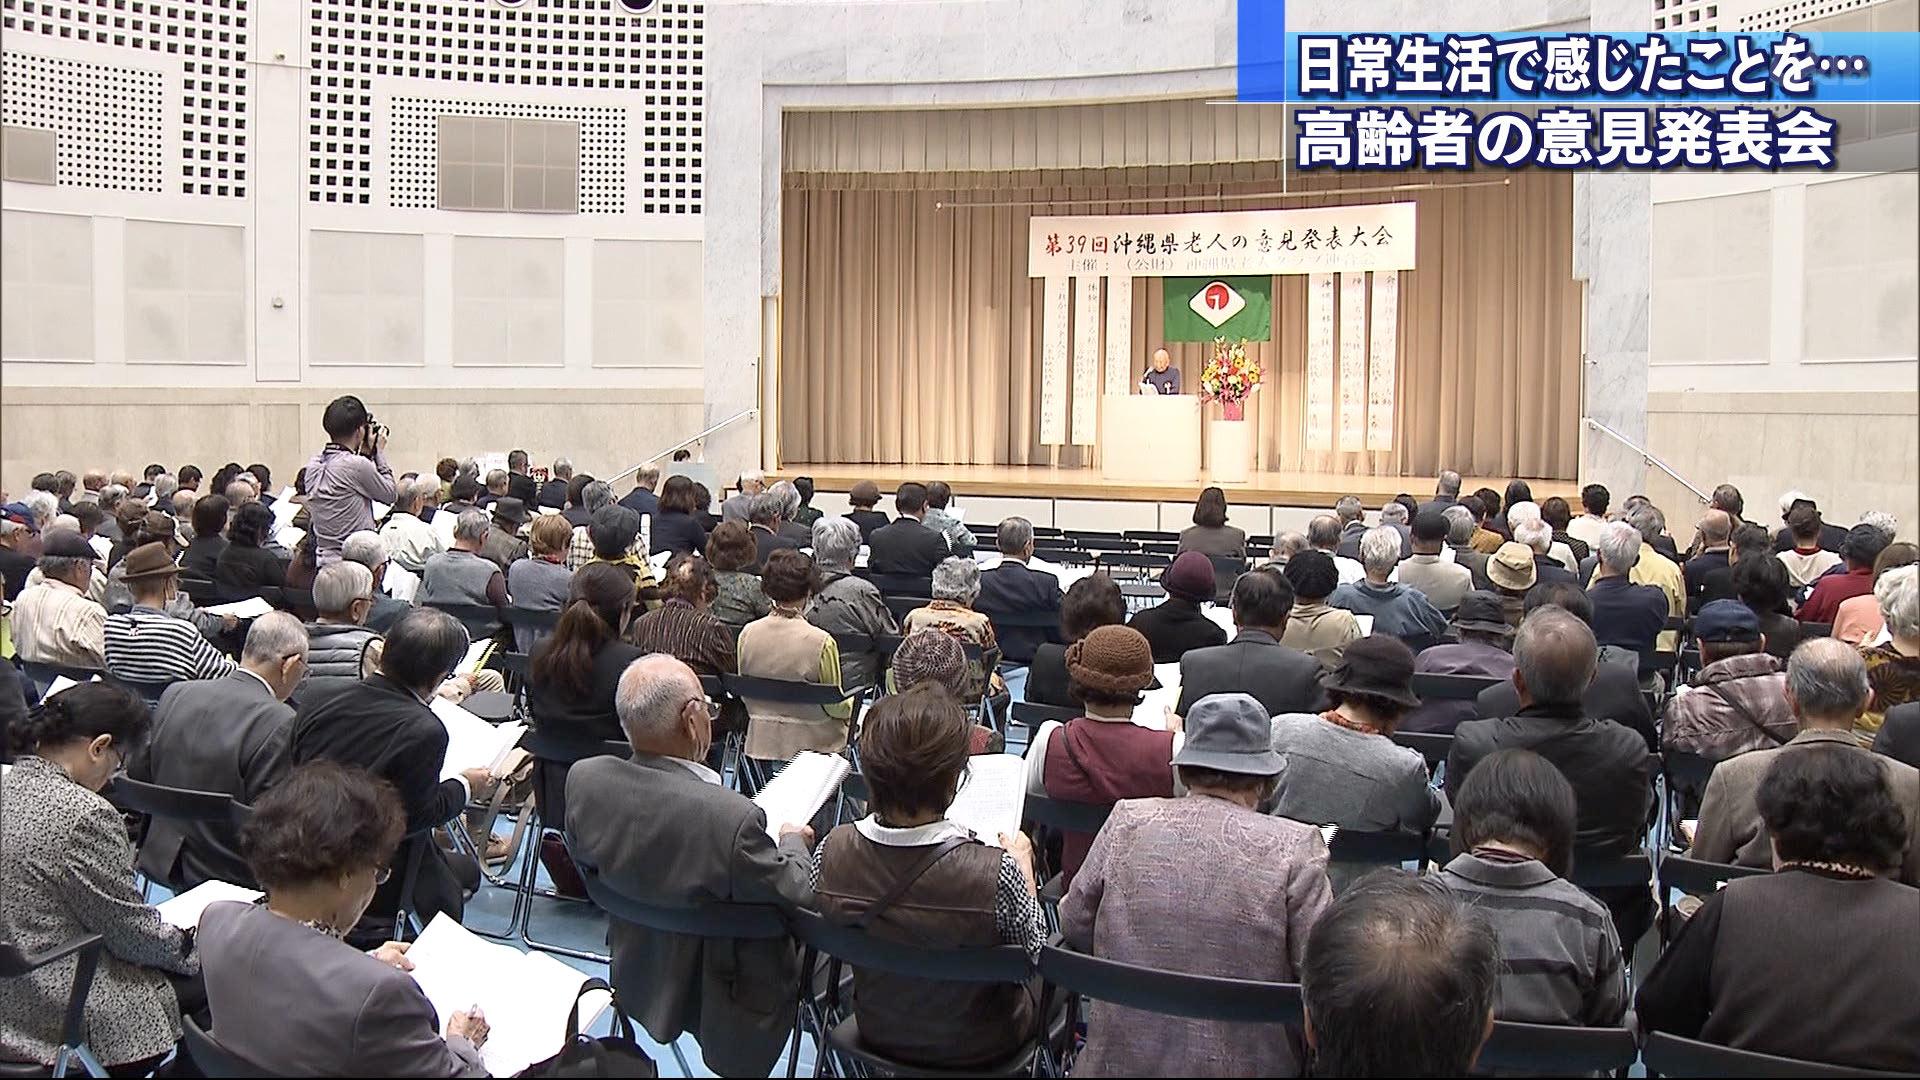 地域福祉の発展へ 老人の意見発表会